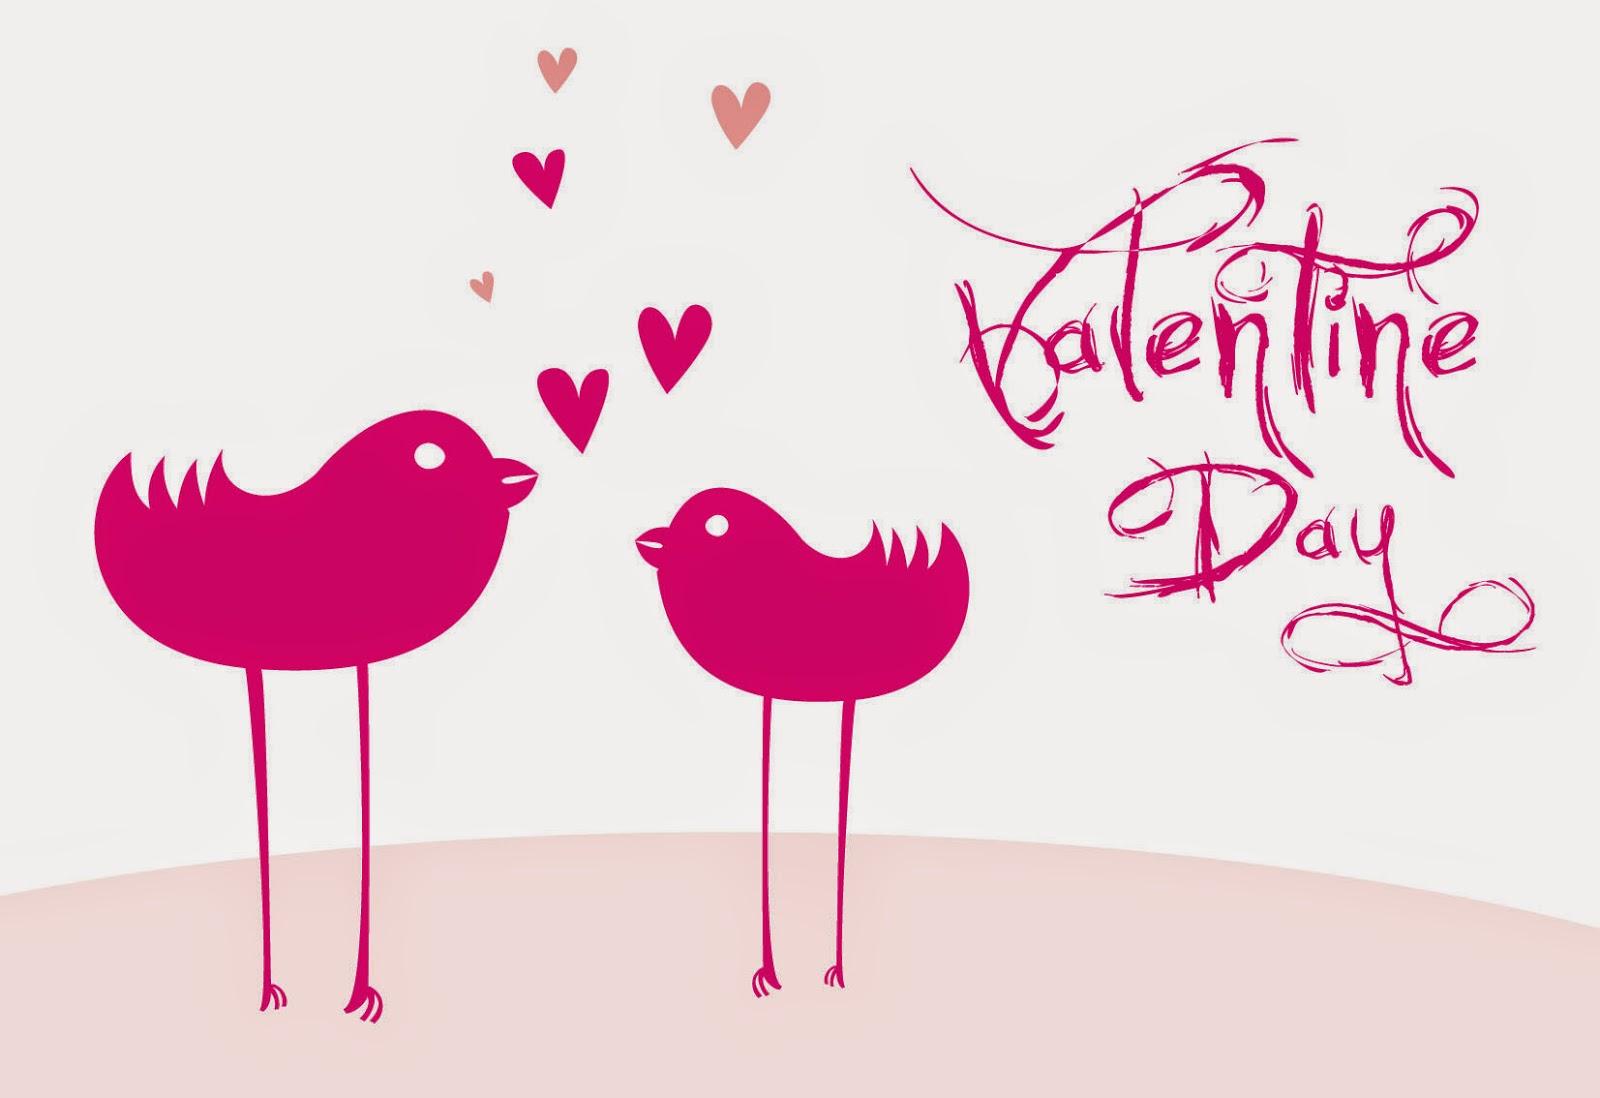 Kumpulan Ucapan Kata Kata Gambar SMS Selamat Hari Valentine